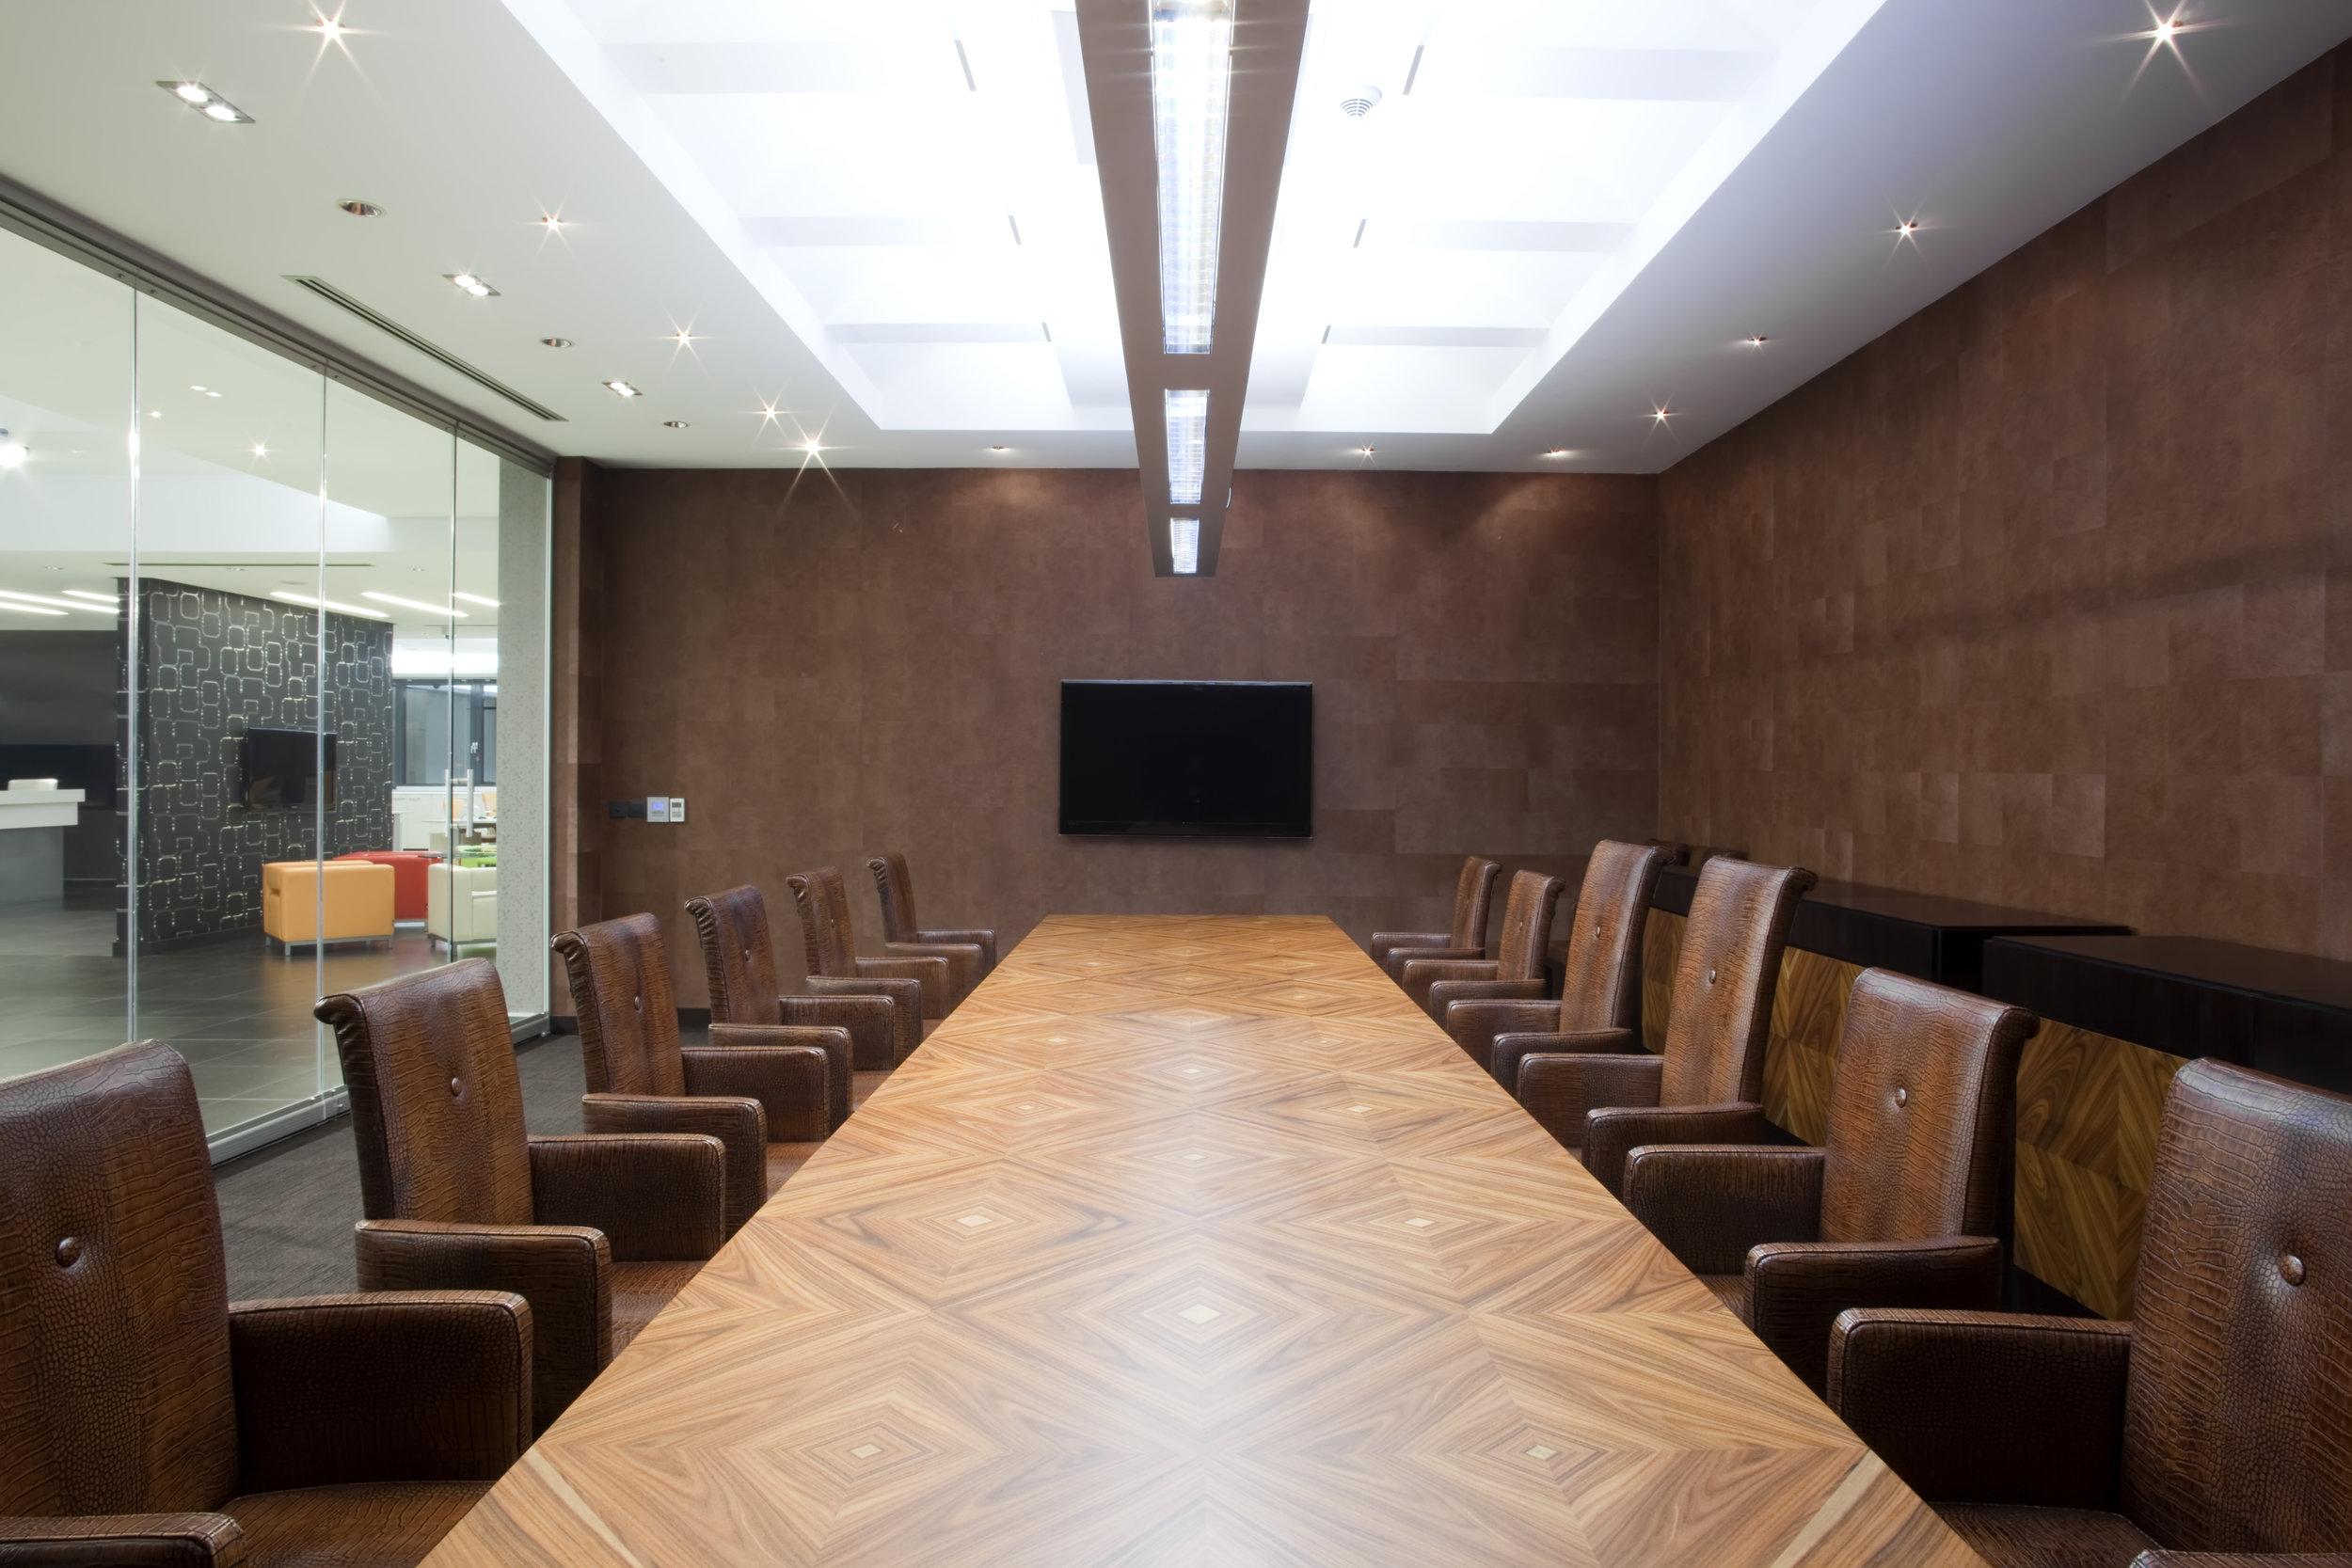 luxury boardroom - Central London